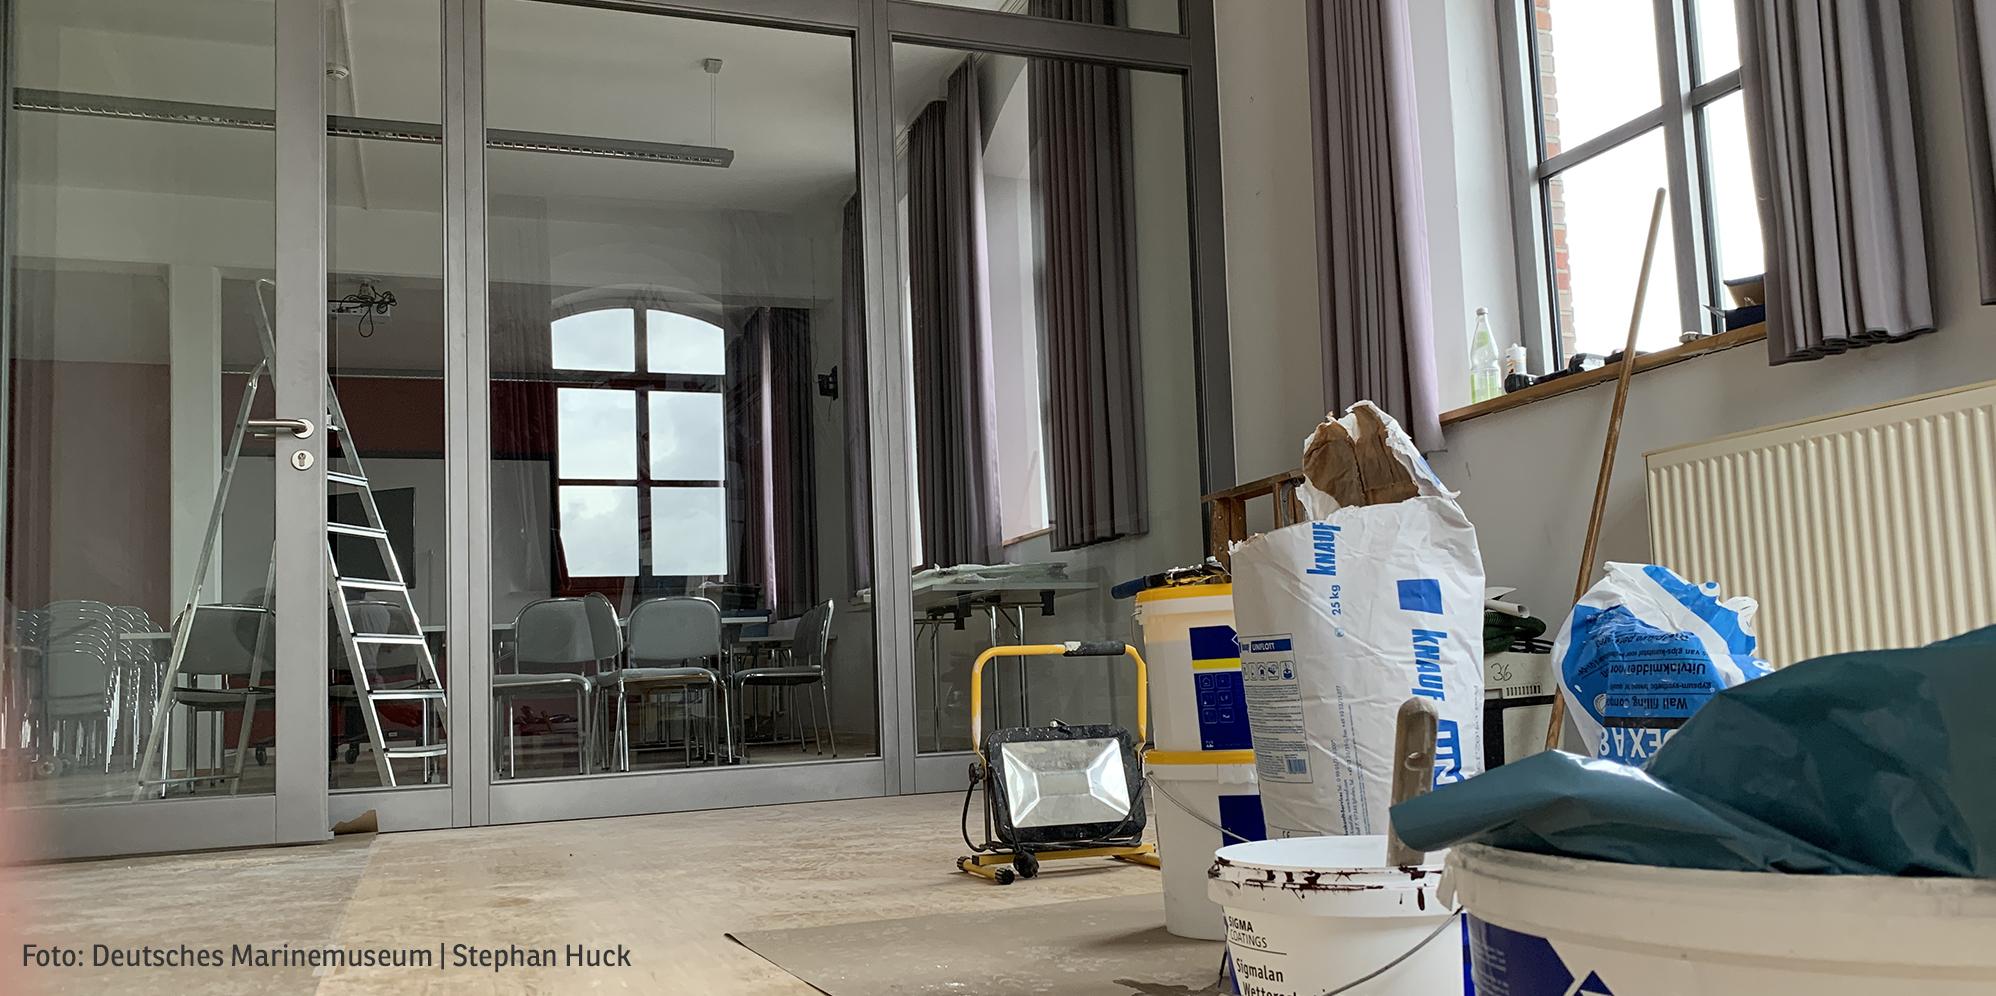 Umbau von Büroräumen (Foto: Deutsches Marinemuseum Stephan Huck)